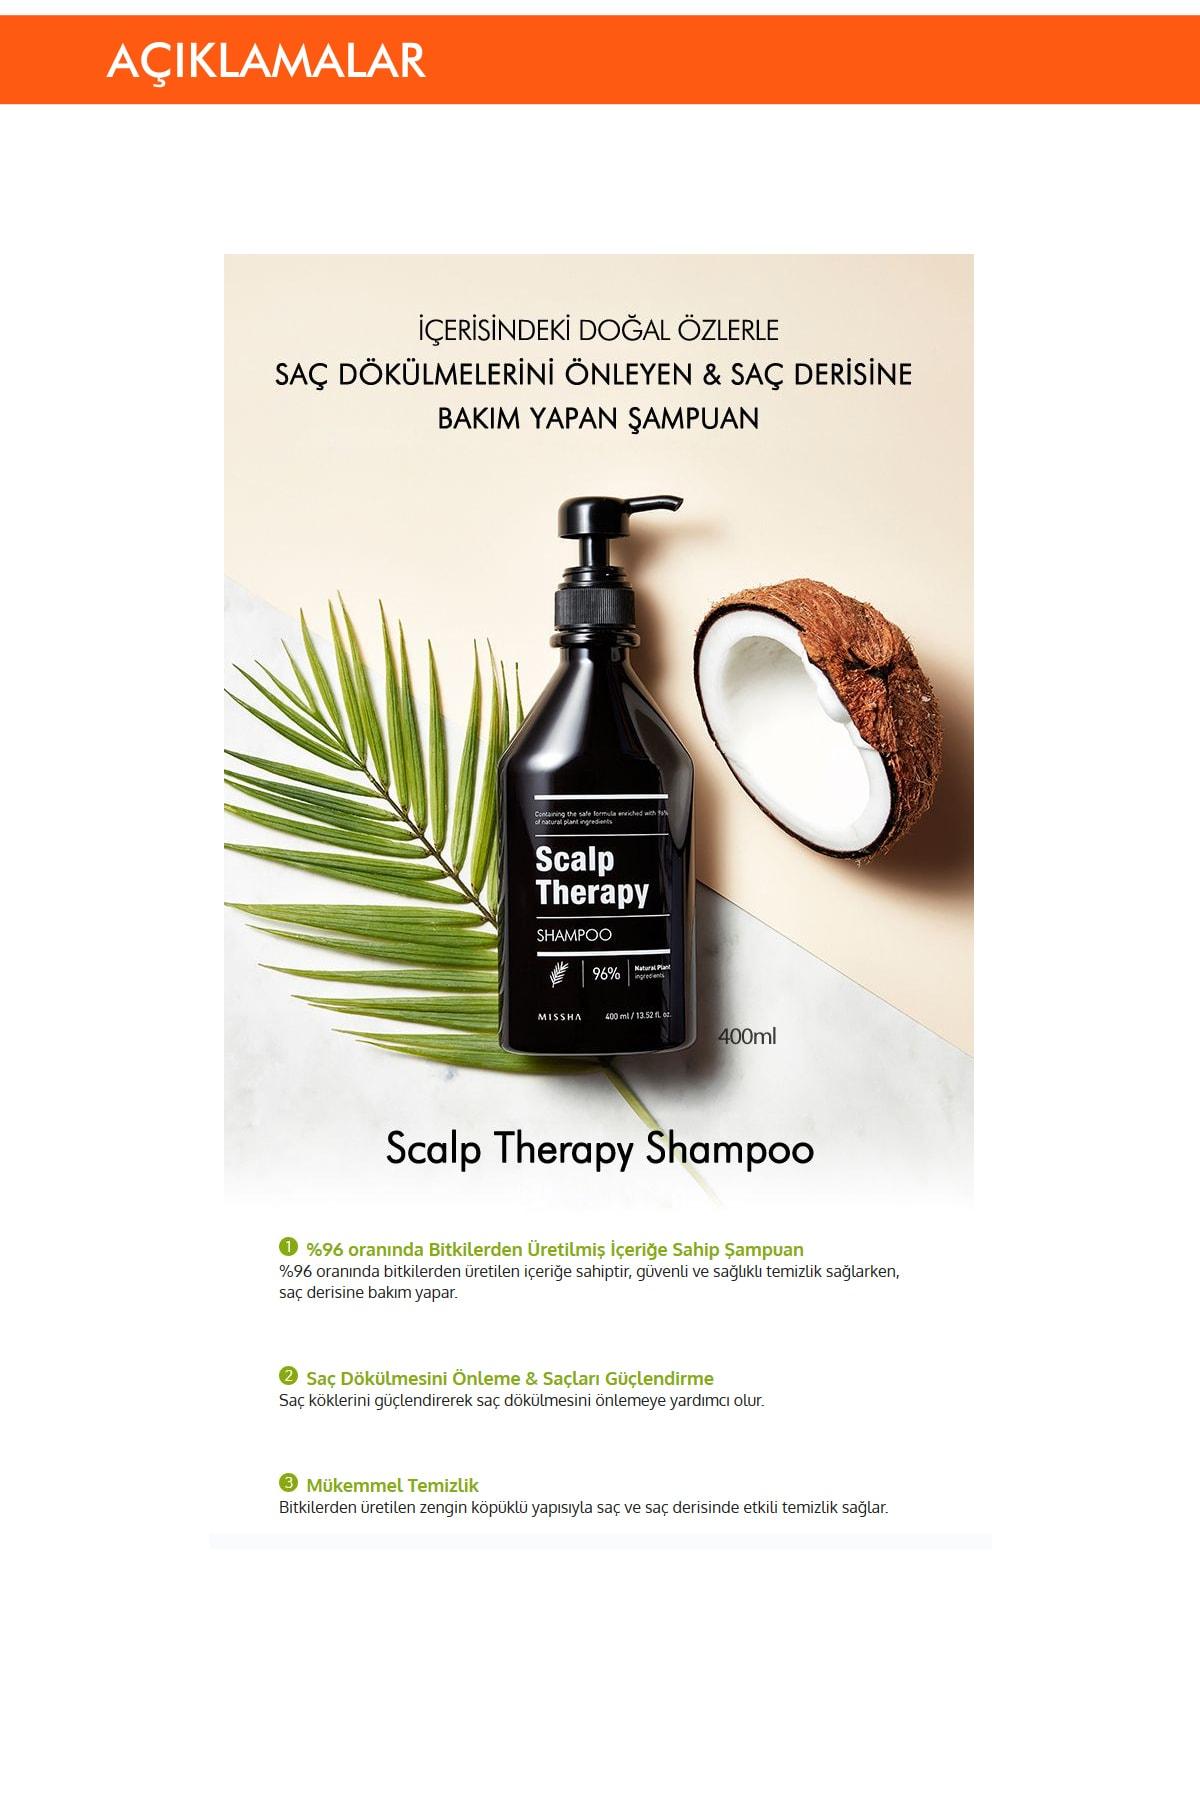 Missha Dökülme Karşıtı Saç Derisi Bakımı Yapan Bitkisel Şampuan (400ml) Scalp Therapy Shampoo 2